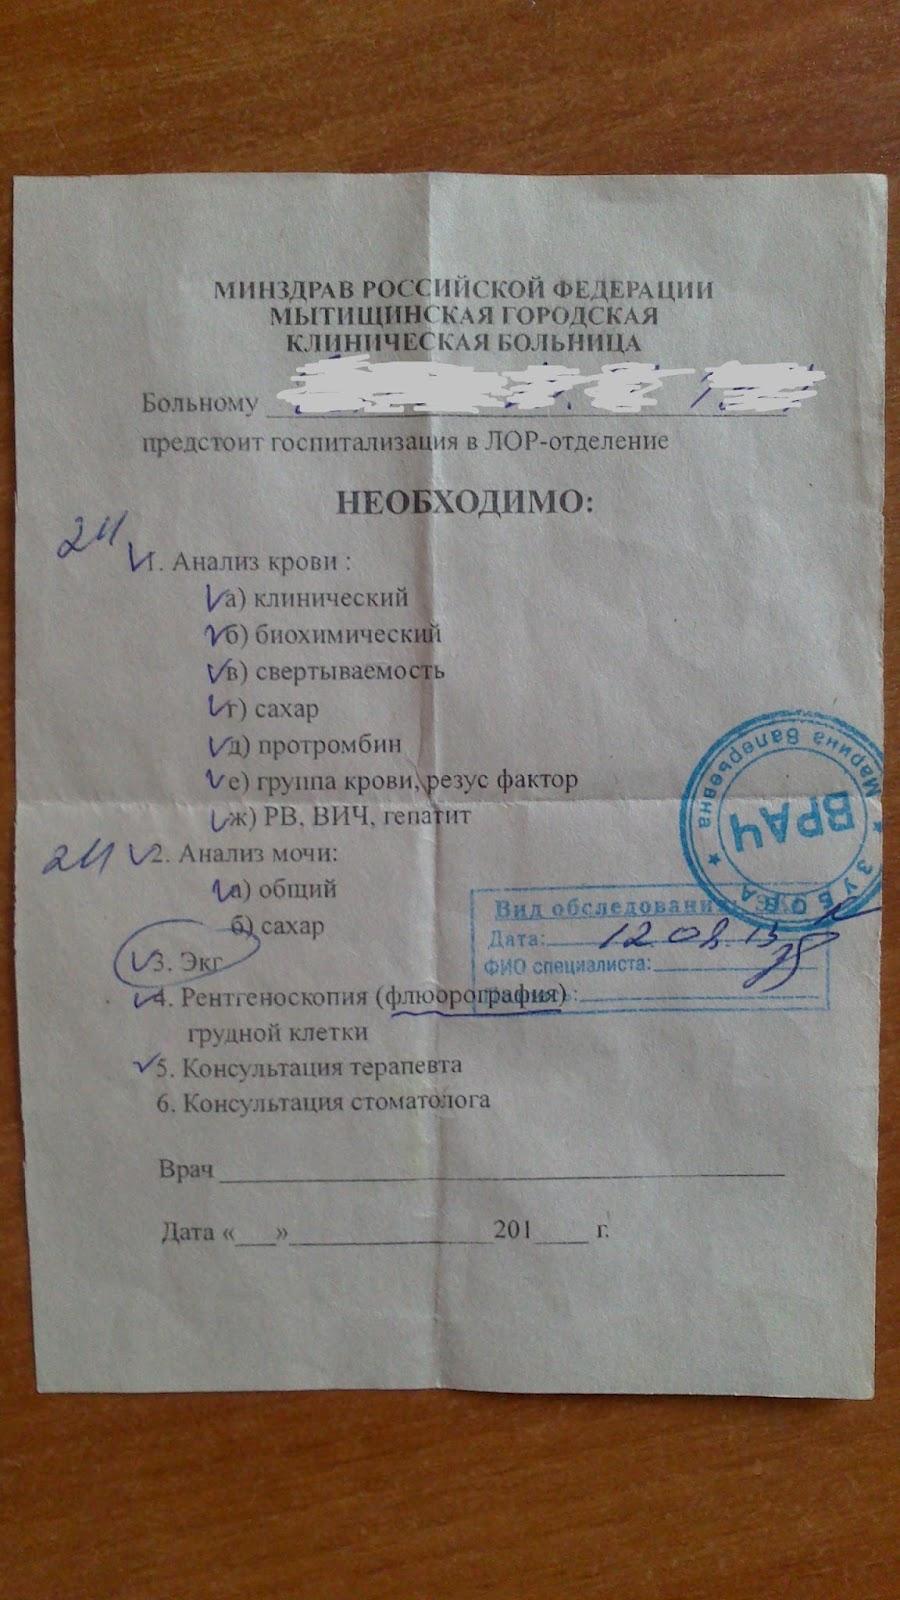 Европейский медицинский центр москва метро проспект мира